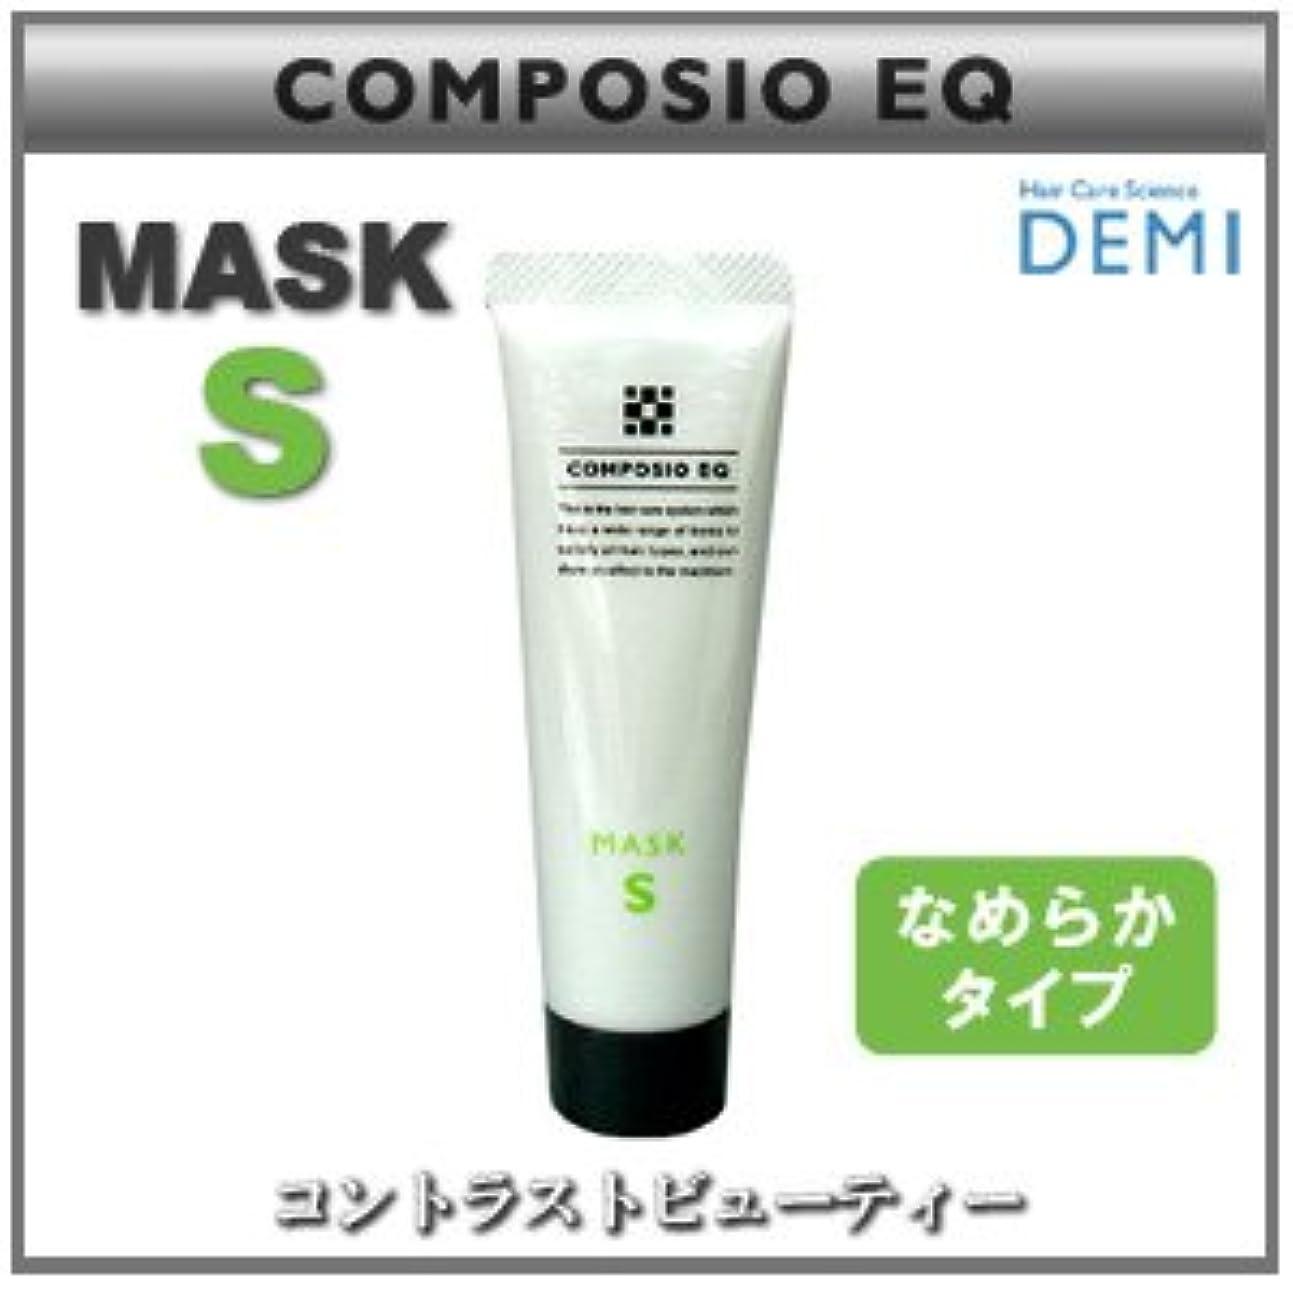 第四低いファシズム【X4個セット】 デミ コンポジオ EQ マスク S 50g